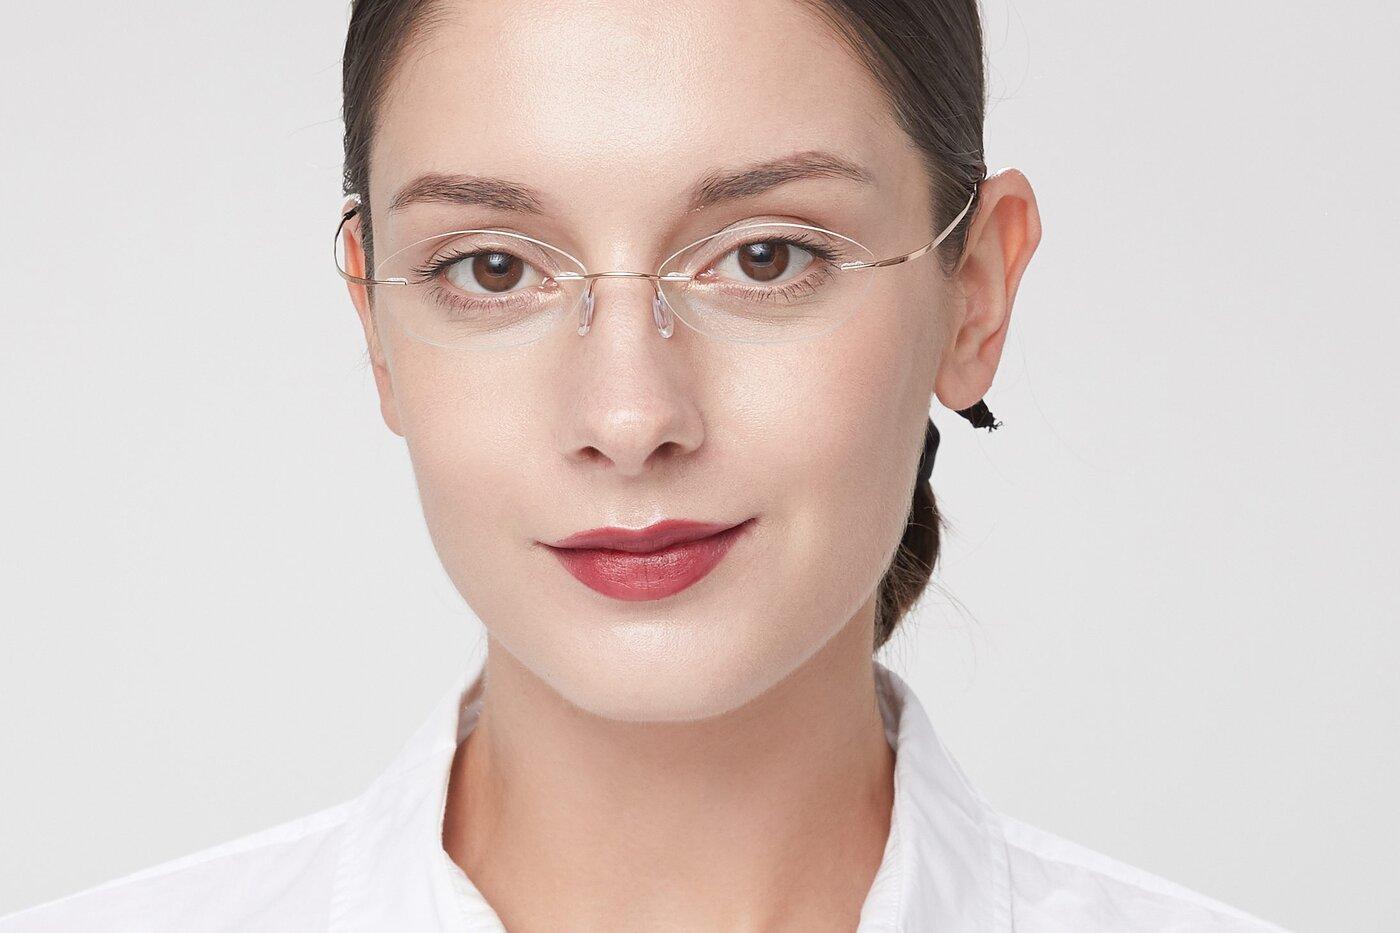 Rose Gold Flexible Oval Rimless Eyeglasses